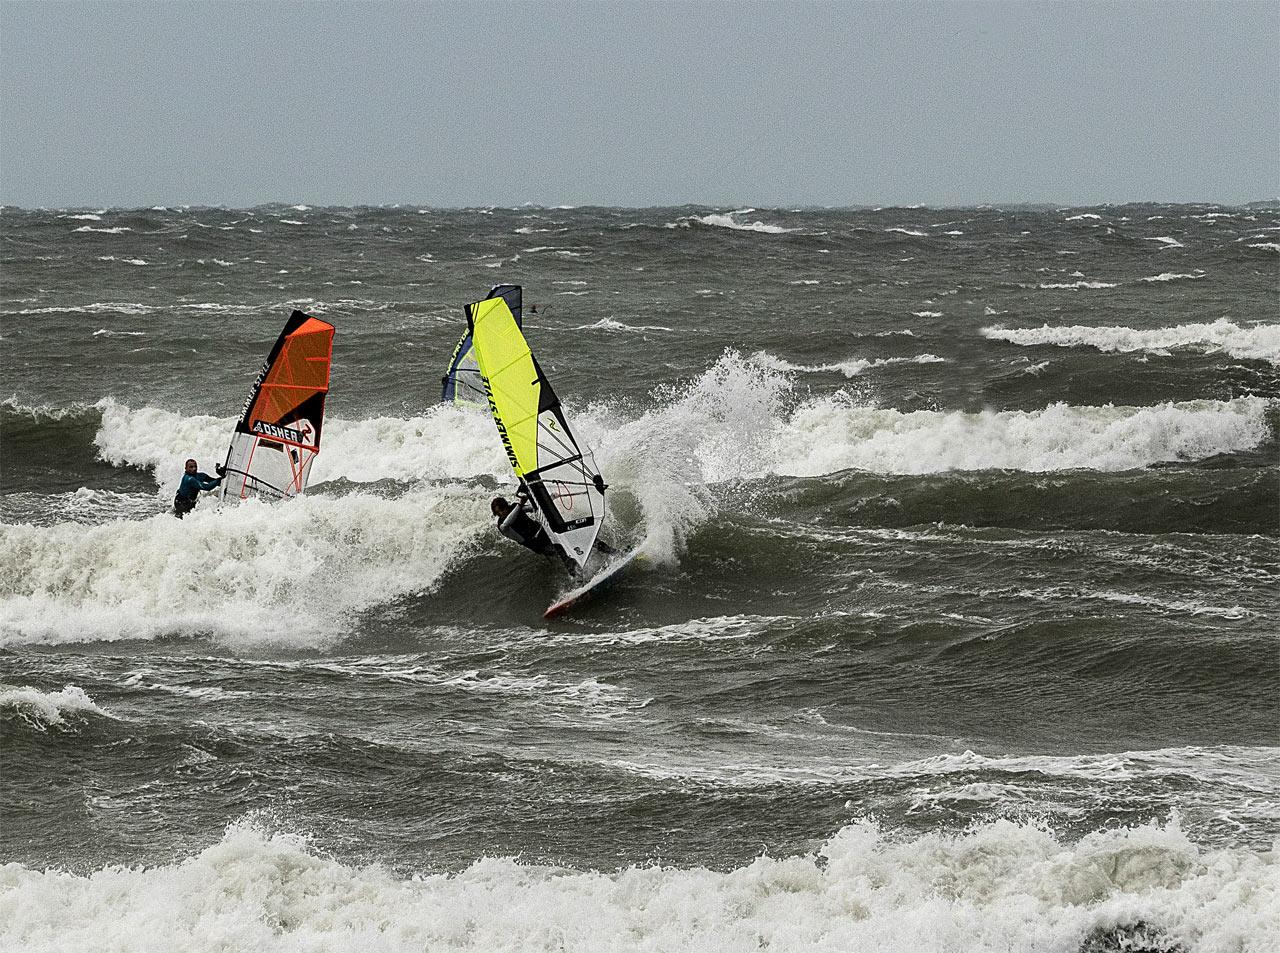 Martin Ten Hoeve shares the waves with team mate Ben Proffitt